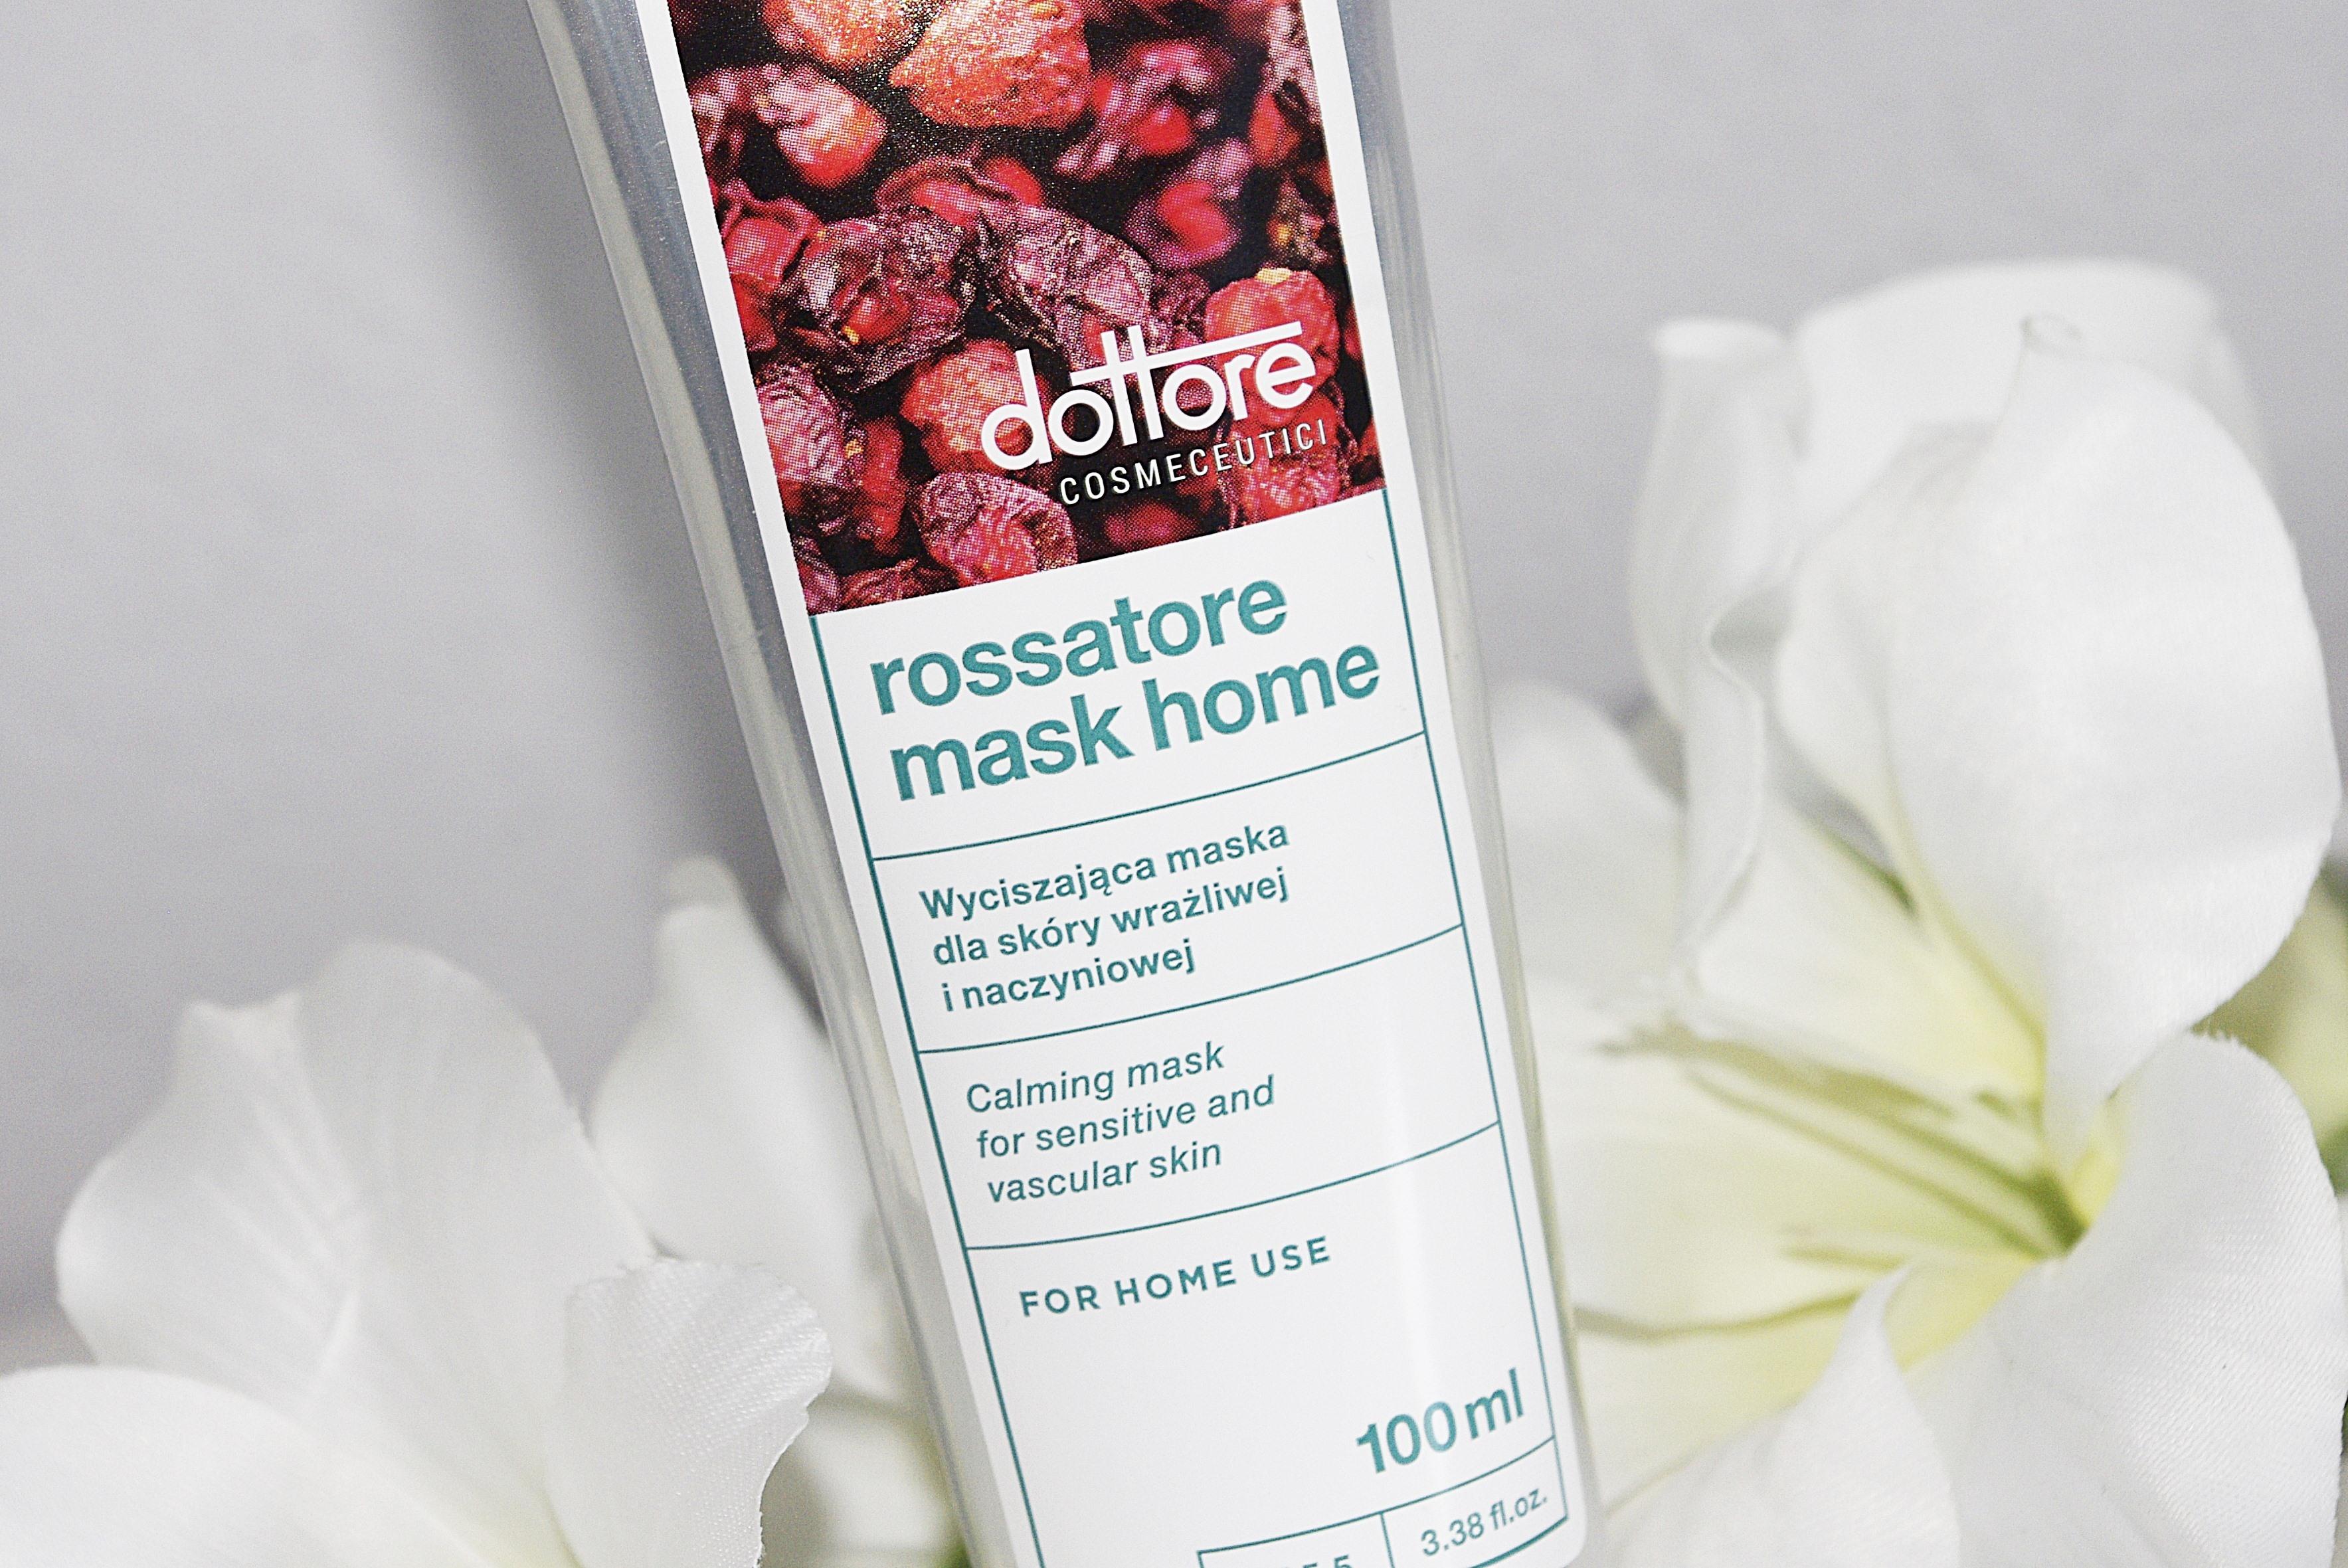 Dottore Rossatore Mask Home - wyciszająca maska dla skóry naczyniowej